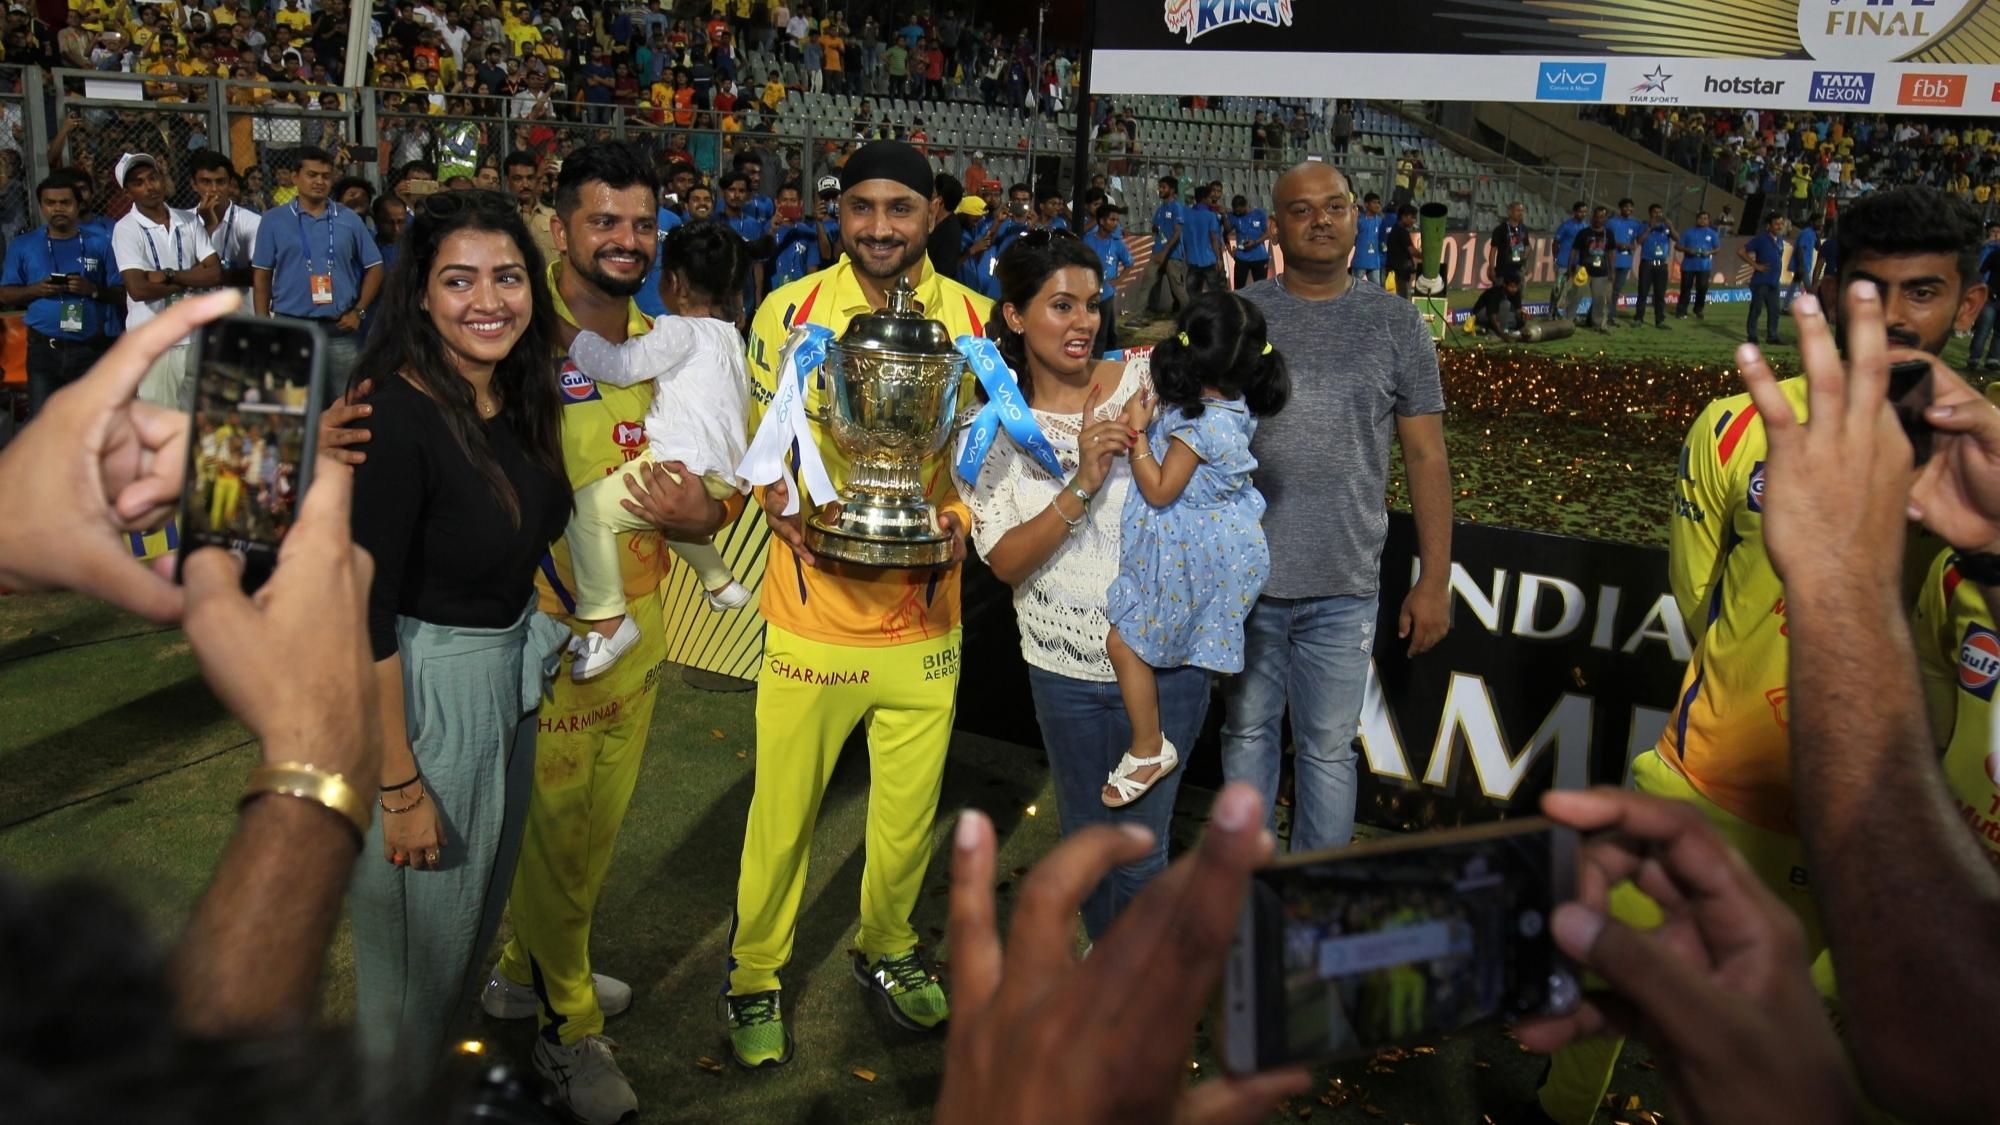 IPL 2018 : हरभजन सिंह ने फाइनल के लिए प्लेइंग XI में शामिल नहीं किये जाने के बारे में किया खुलासा